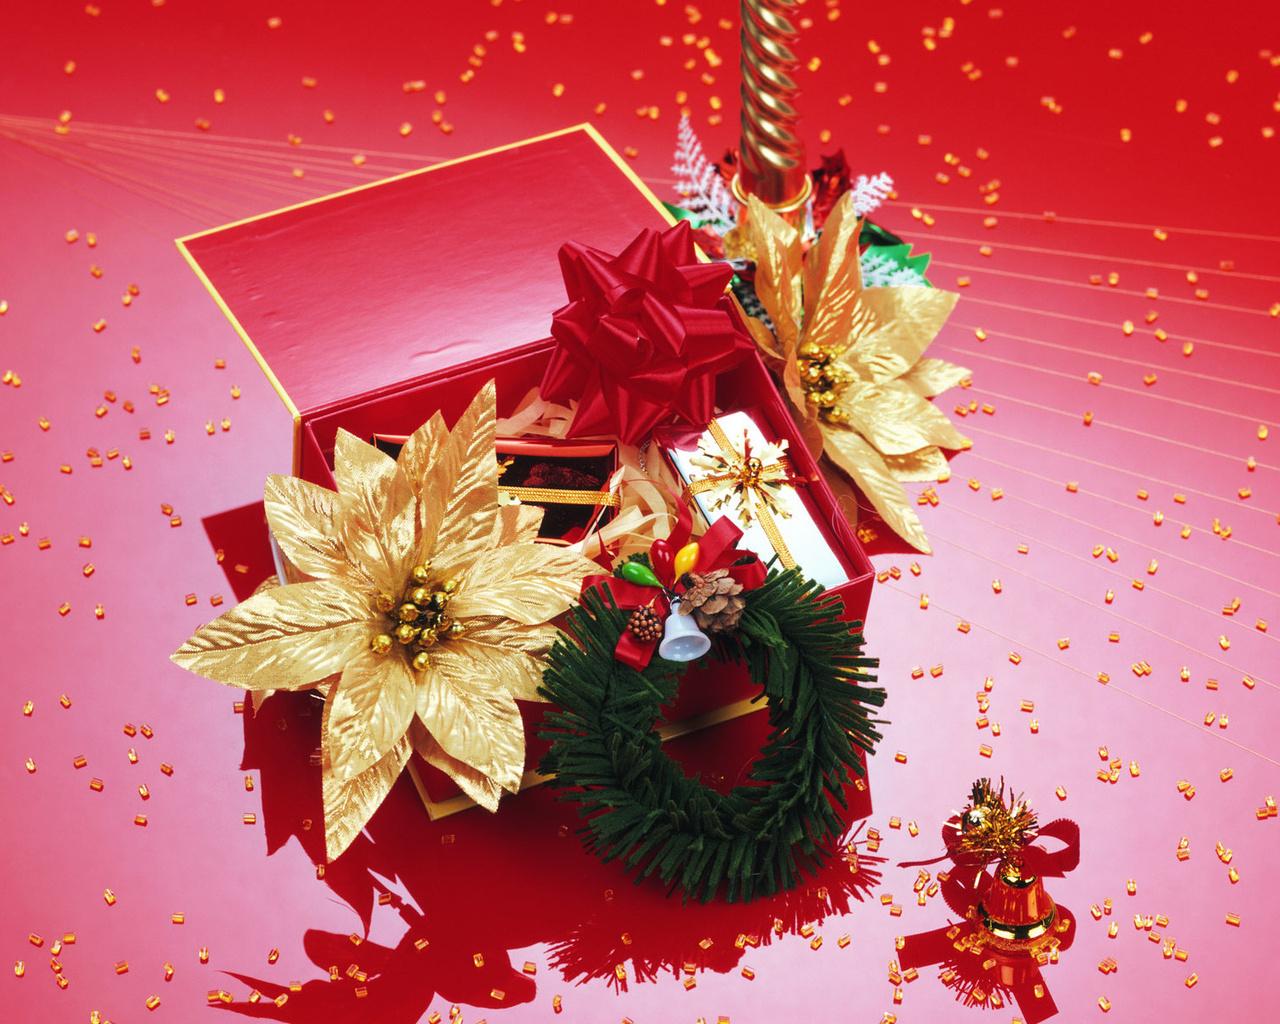 2192 descargar fondo de pantalla Vacaciones, Año Nuevo, Navidad: protectores de pantalla e imágenes gratis